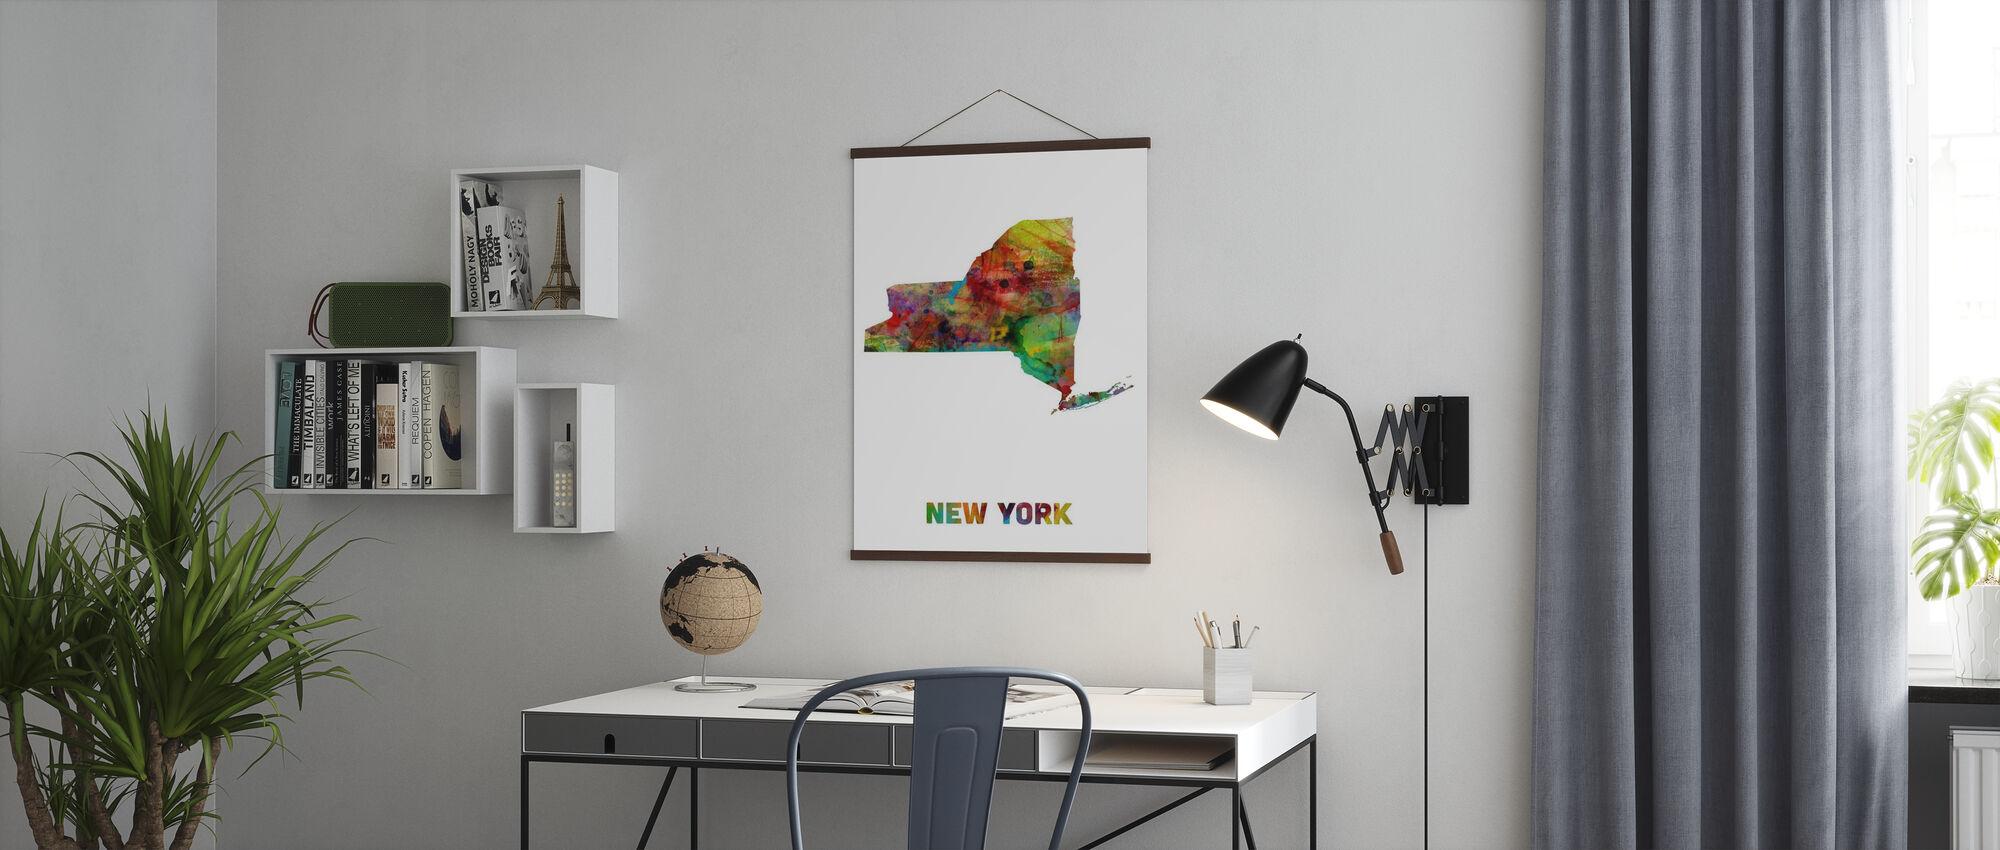 Carte de l'État de New York - Affiche - Bureau